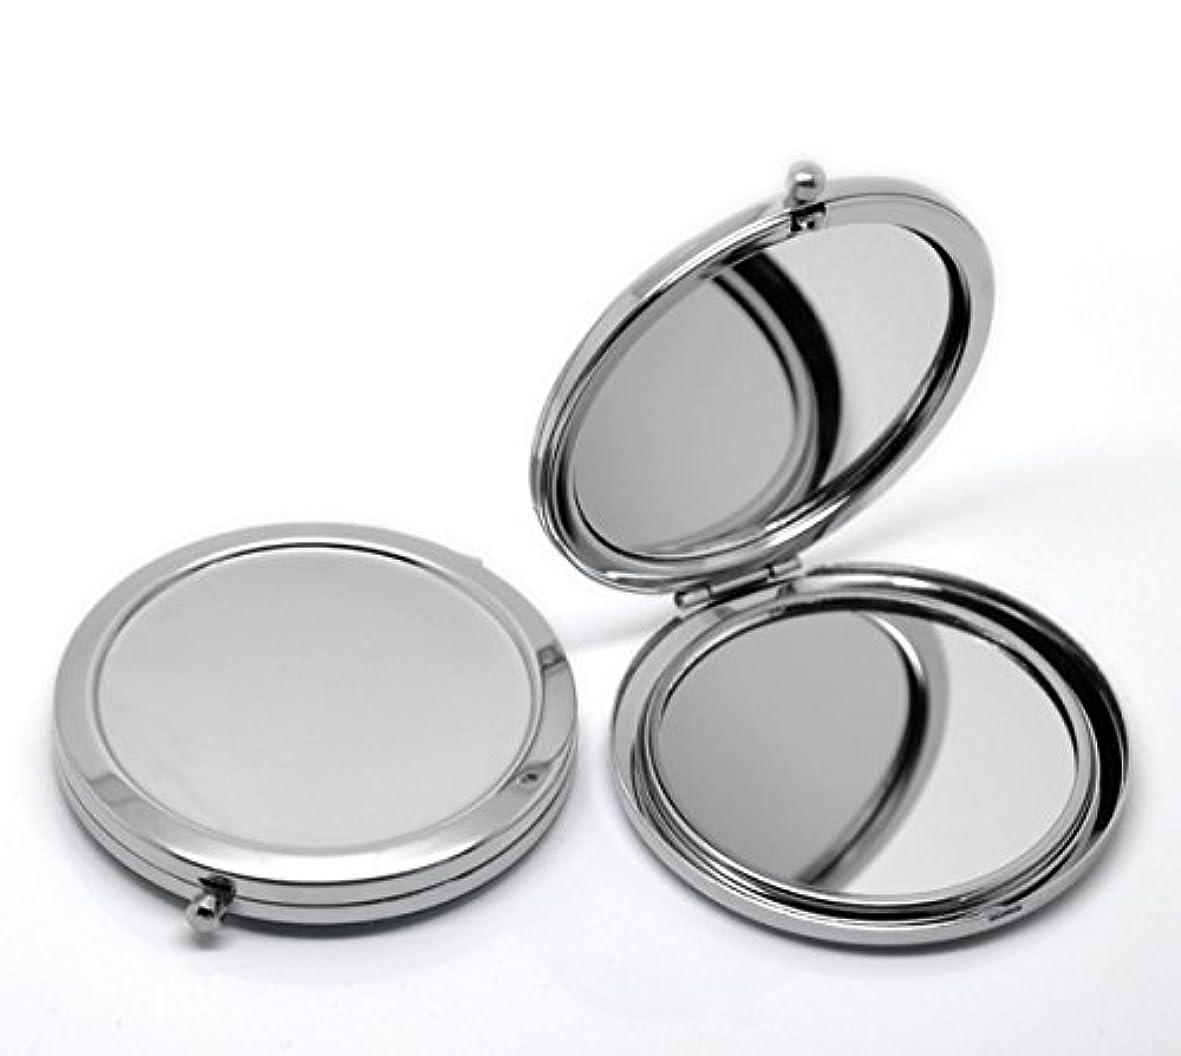 ベルト大工コードHOUSWEETY 無地コンパクトミラー プチ手鏡 ハンドミラー 携帯ミラー 丸型 化粧箱入り 折りたたみ おしゃれ レディース 小物 (デザインA)